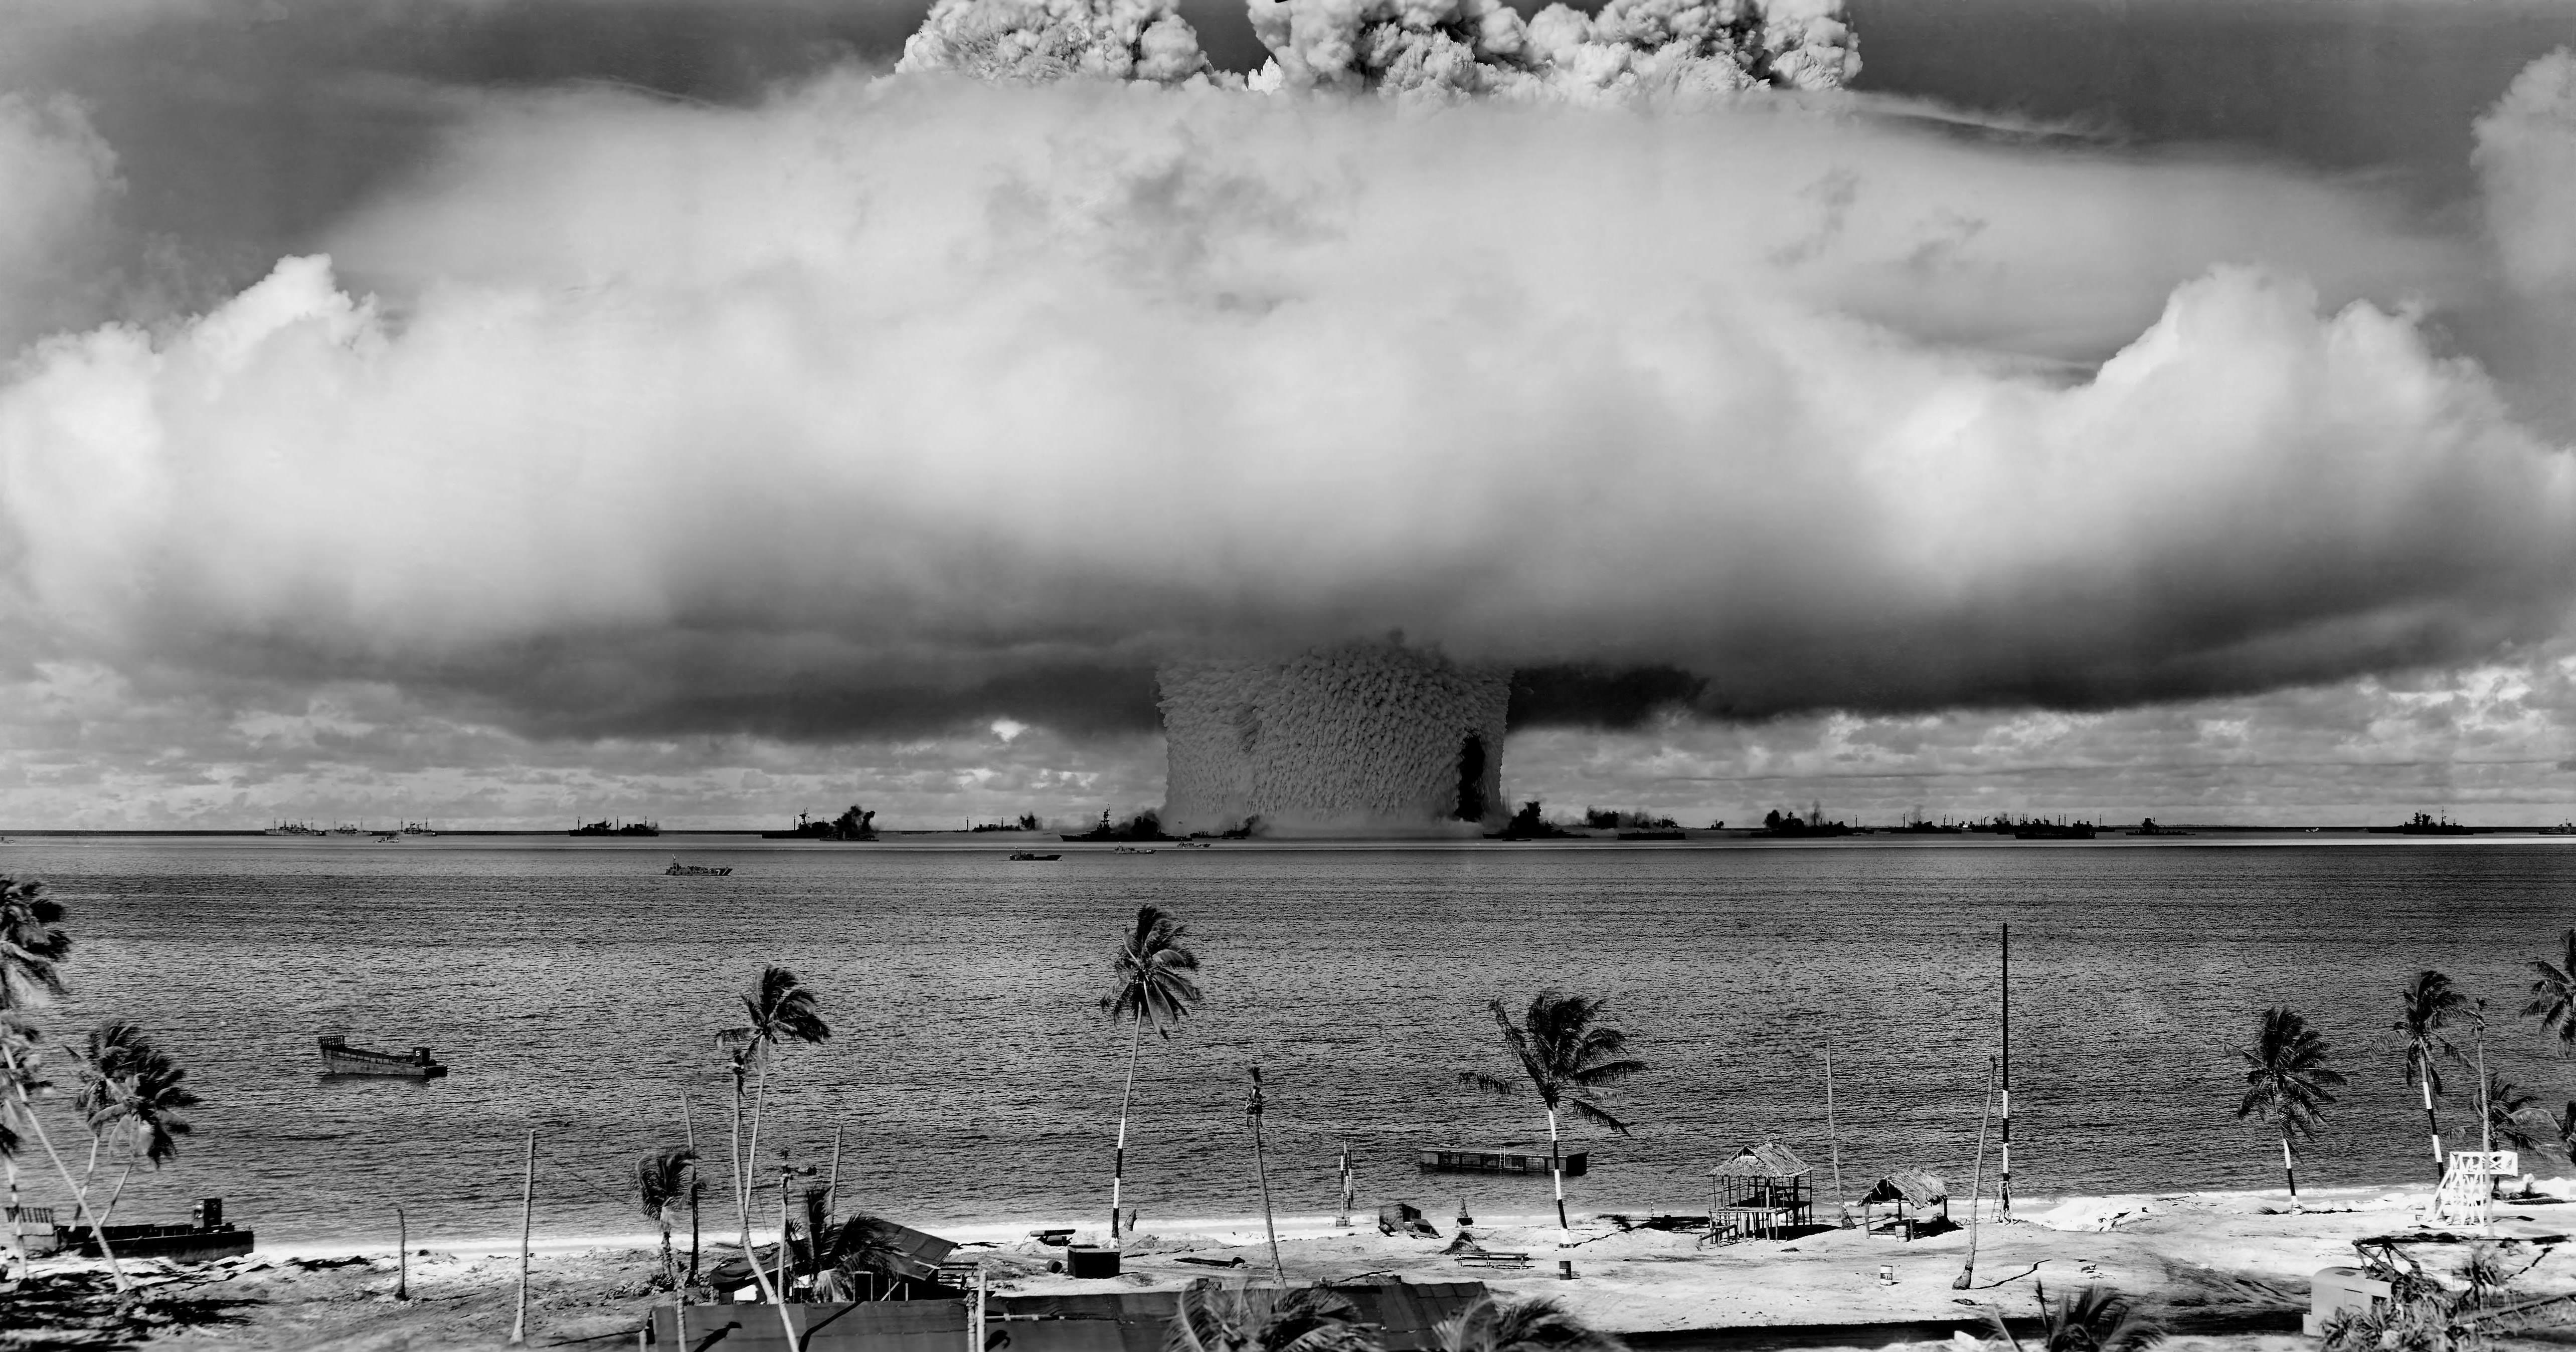 """Operation Crossroads Baker Edit - Dernière minute de vie pour l'USS Arkansas : Il sera détruit lors du test nucléaire """"Baker"""", le 29 juillet 1946. L'USS Arkansas a été littéralement aspiré par l'explosion nucléaire, il se trouve à droite de la colonne, à la verticale."""